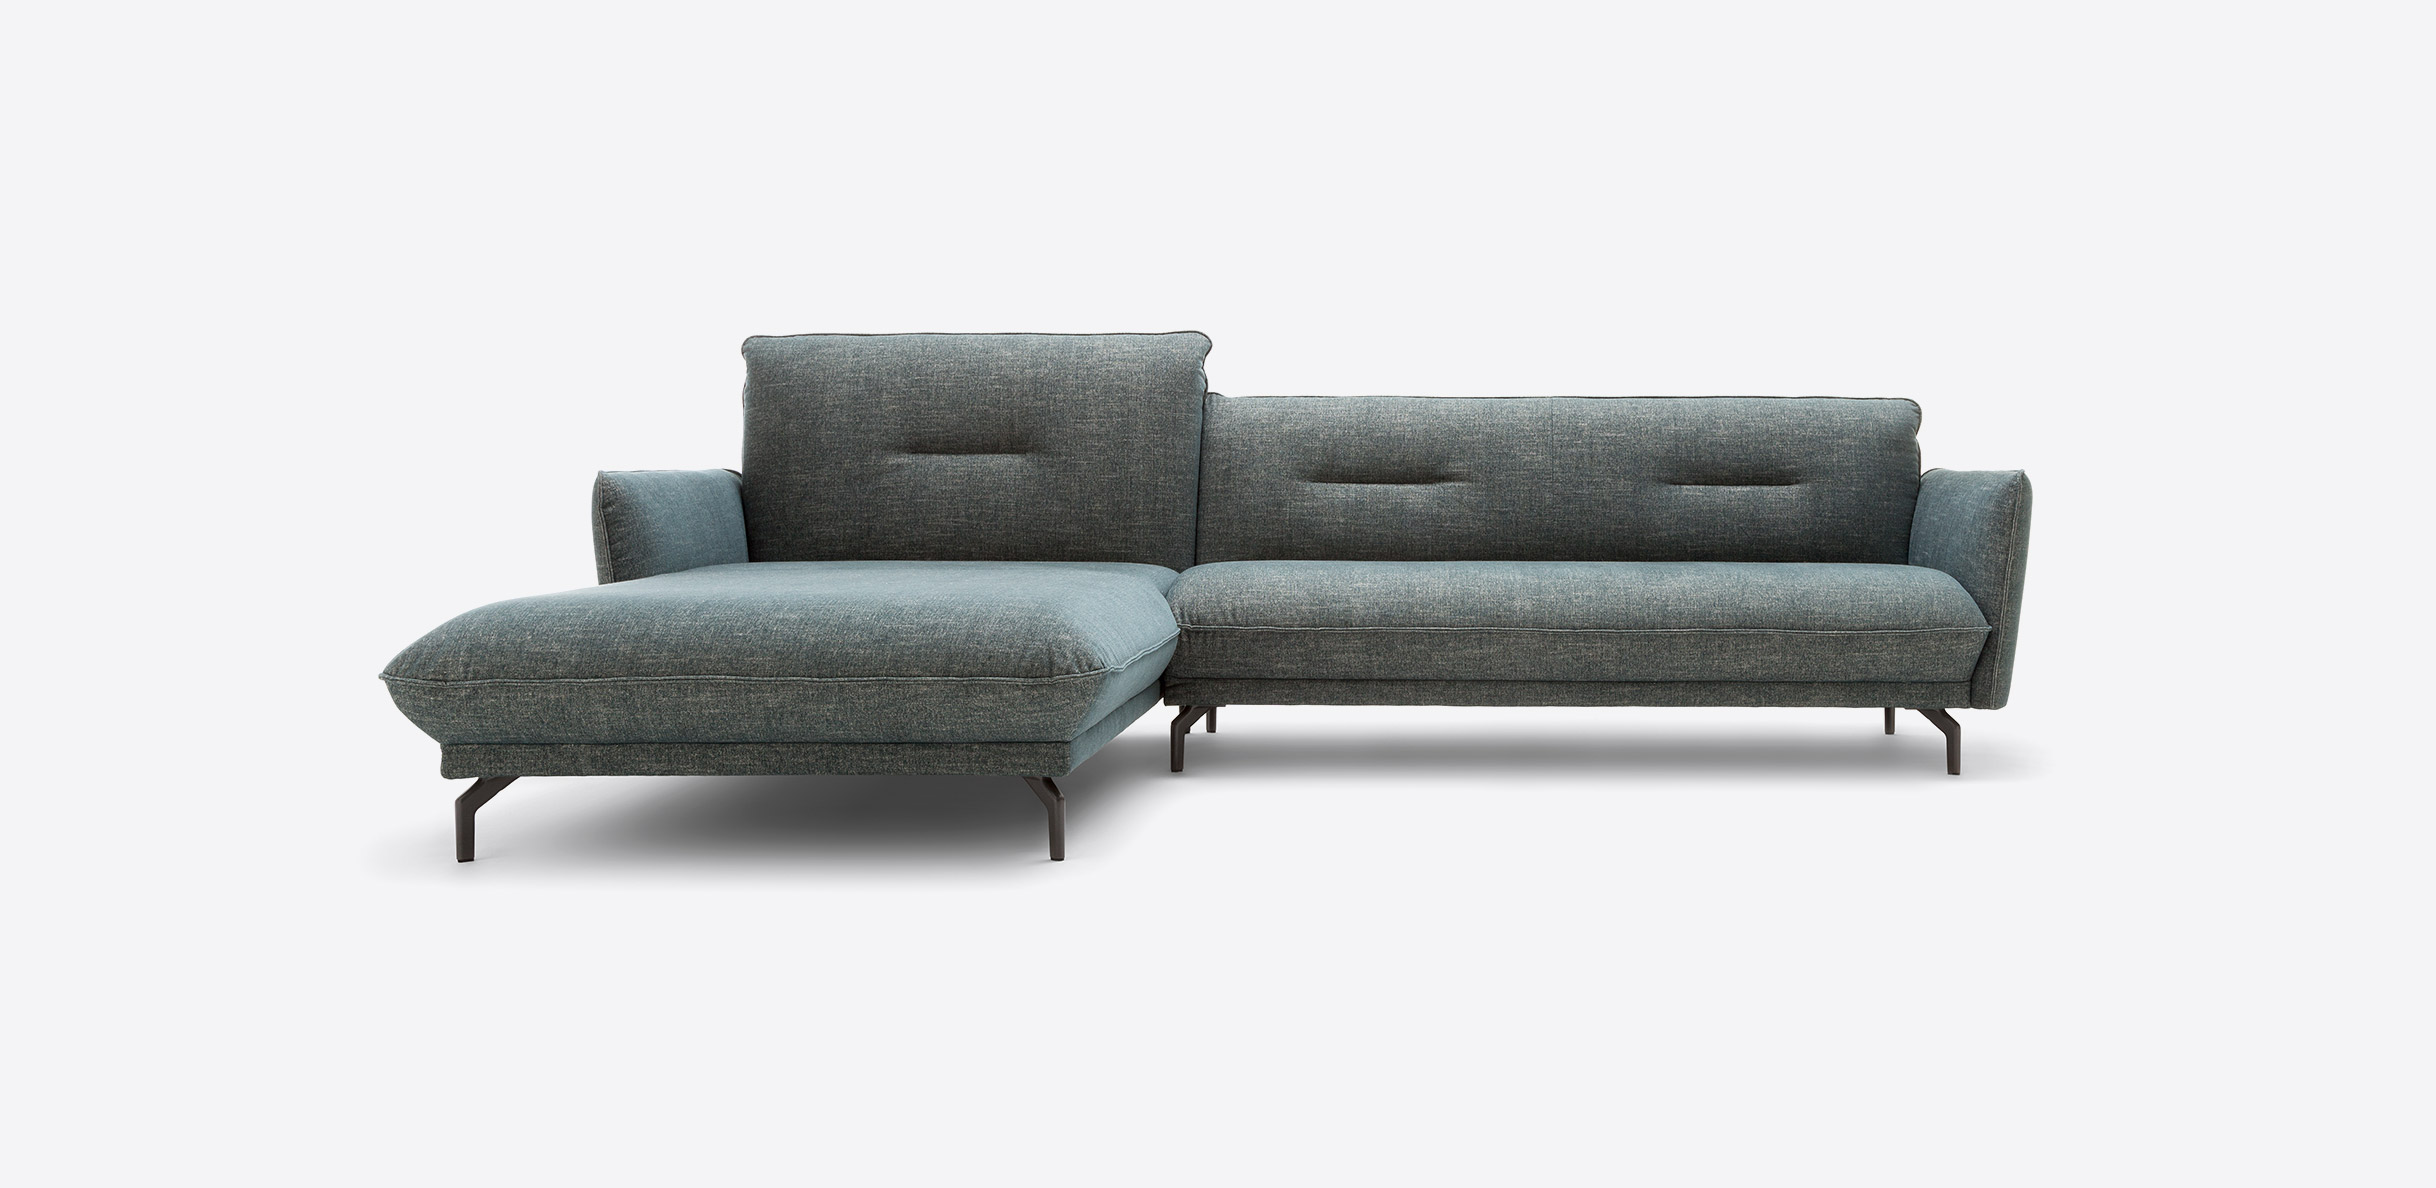 Full Size of Hs430 Sofa Kleines Wohnzimmer Angebote Garnitur überzug Mit Boxen Boxspring Schlaffunktion Kaufen Günstig Barock Canape Esszimmer Günstiges Polsterreiniger Sofa Hülsta Sofa